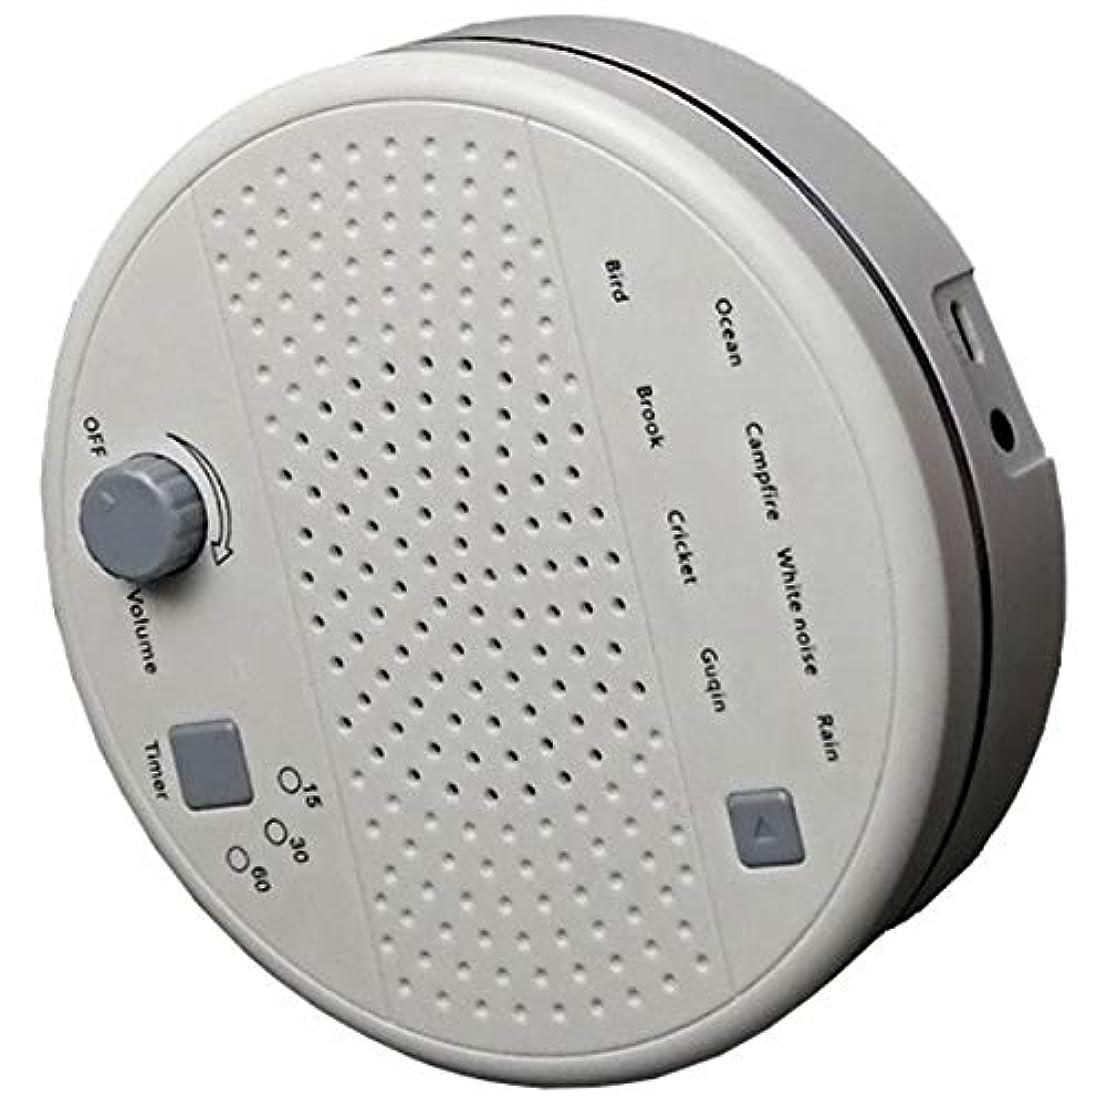 怒っている普通にコントローラXigeapg ホワイトノイズマシン、Usb睡眠機、8ナチュラルサウンドと赤ちゃん大人の旅行者のための3睡眠タイマー、ホームオフィスのための携帯用睡眠音療法